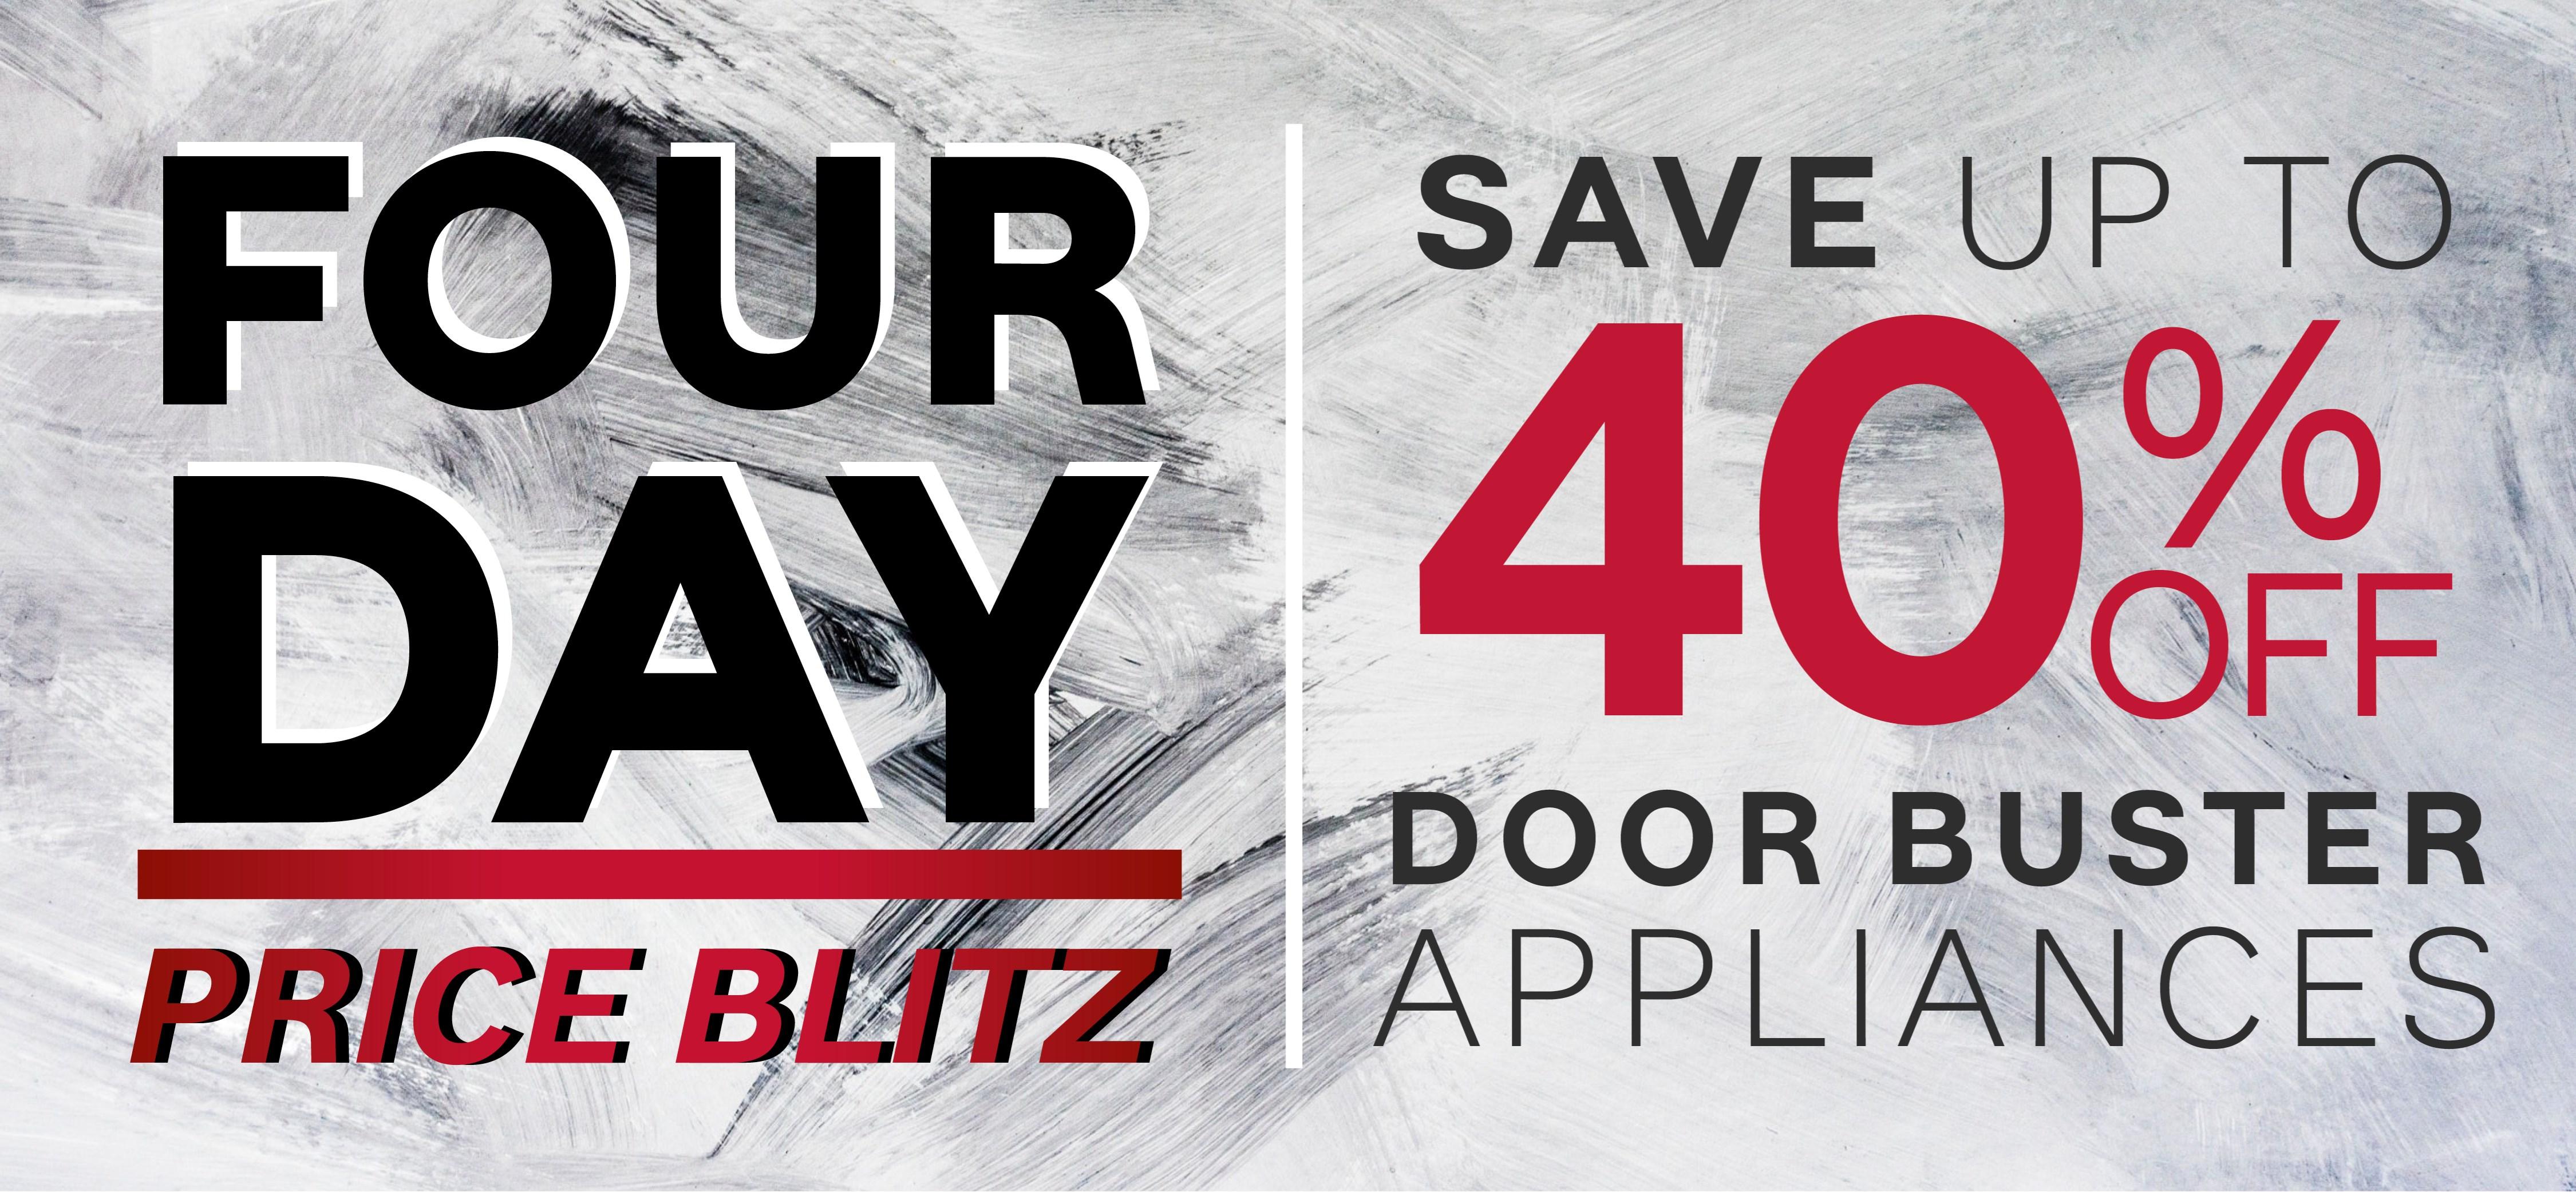 ... Furniture U0026 ApplianceMart 4 Day Price Blitz